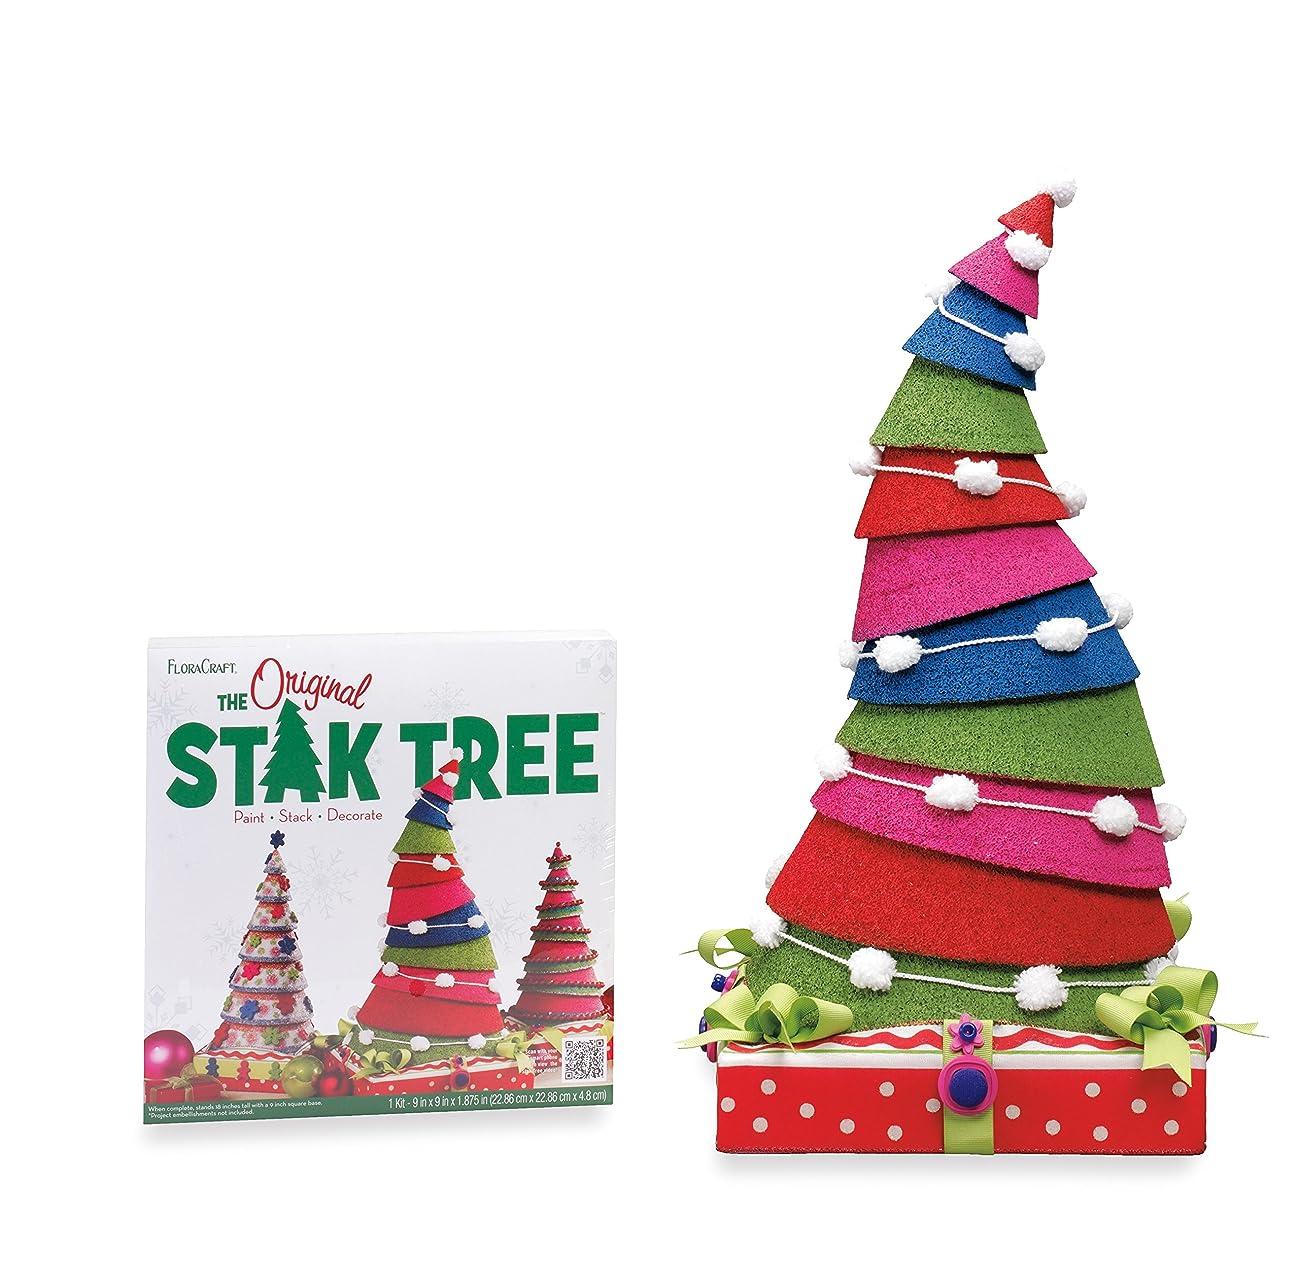 FloraCraft Styrofoam Kit Stak Tree 24 Inch White